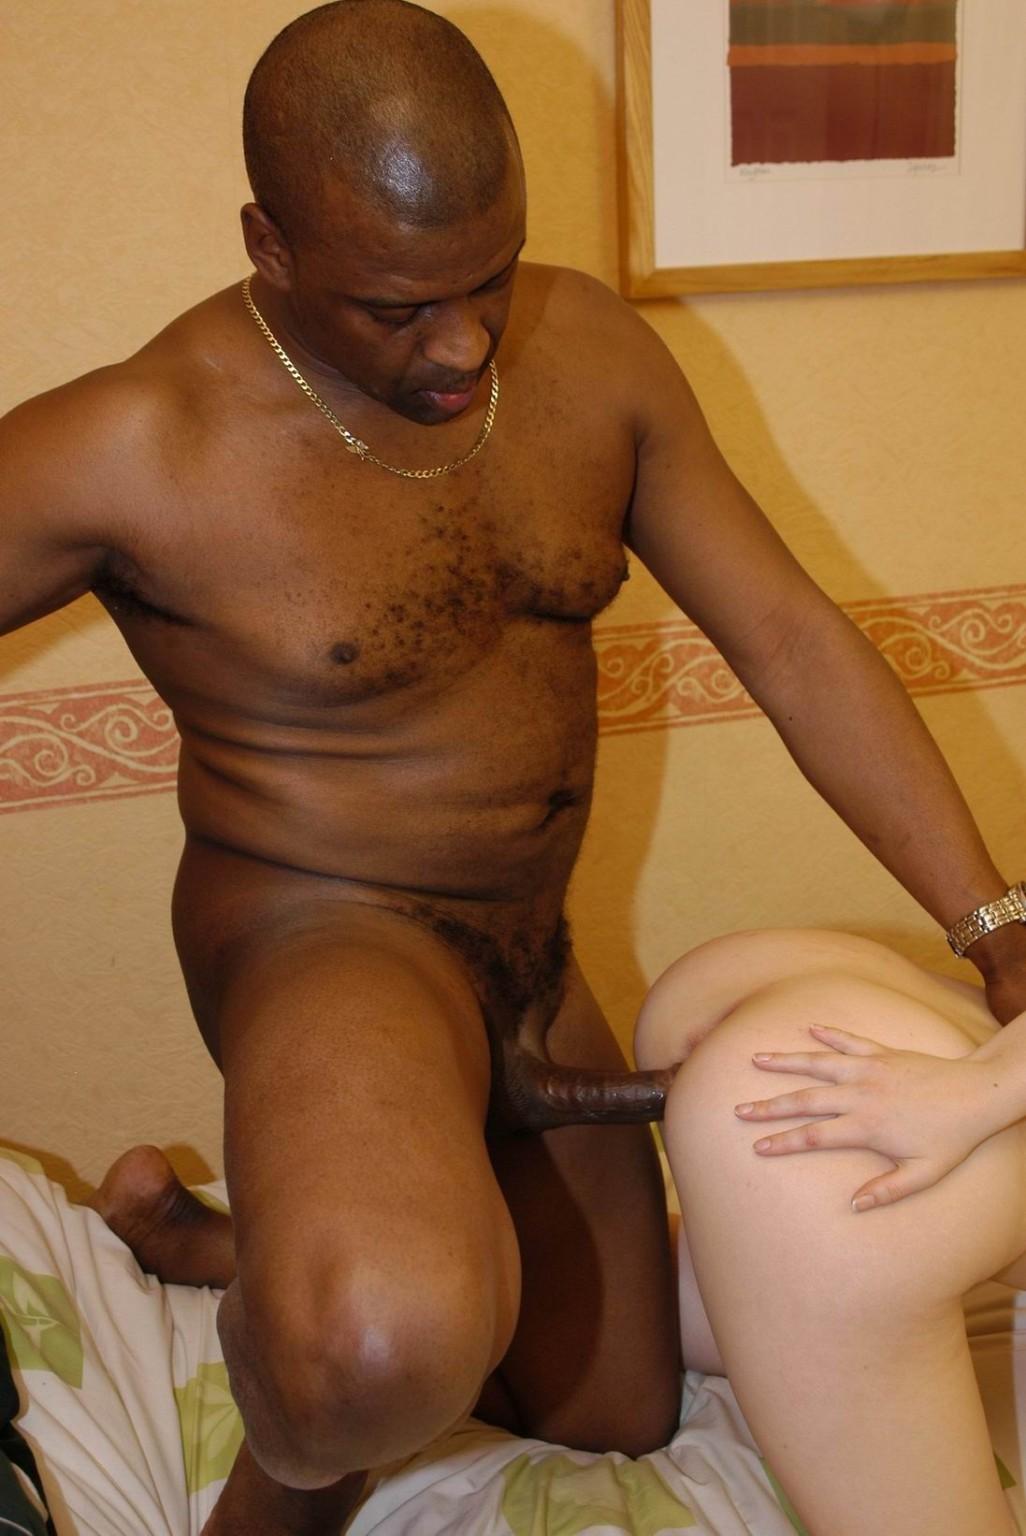 лысая негритянка секс фото стал сразу обнаруживать